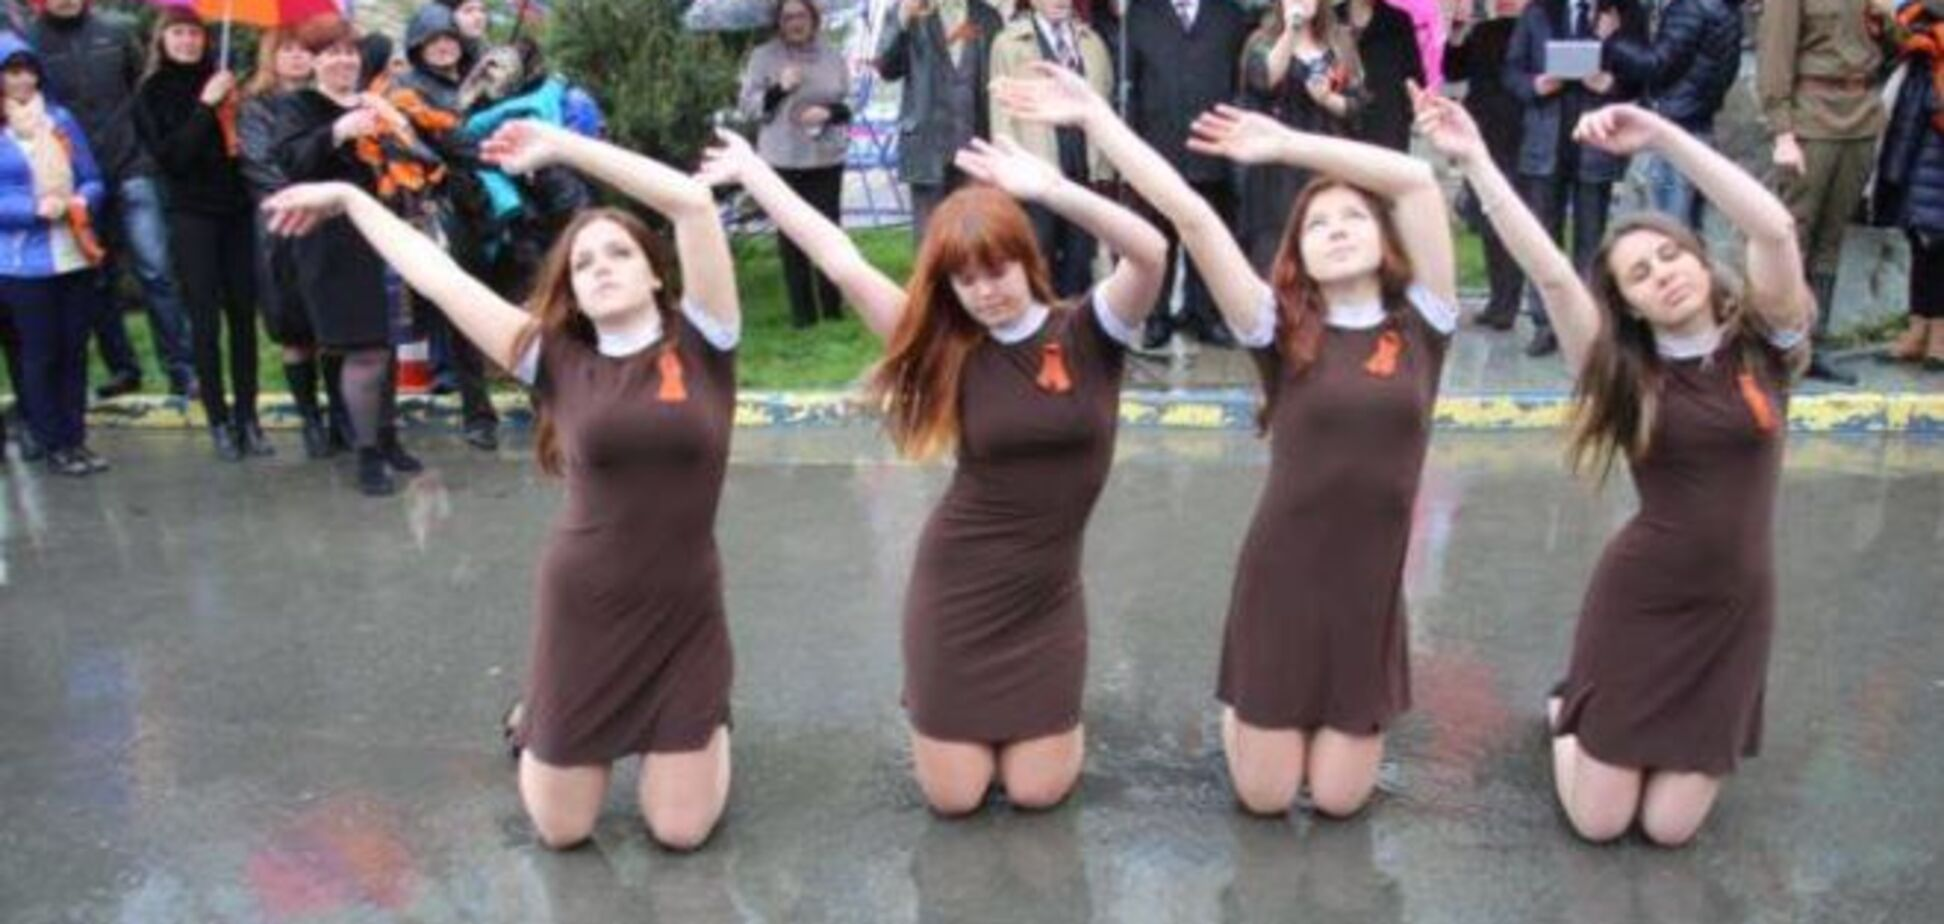 В Крыму девушки танцевали на коленях в воде на фоне 'георгиевских' лент